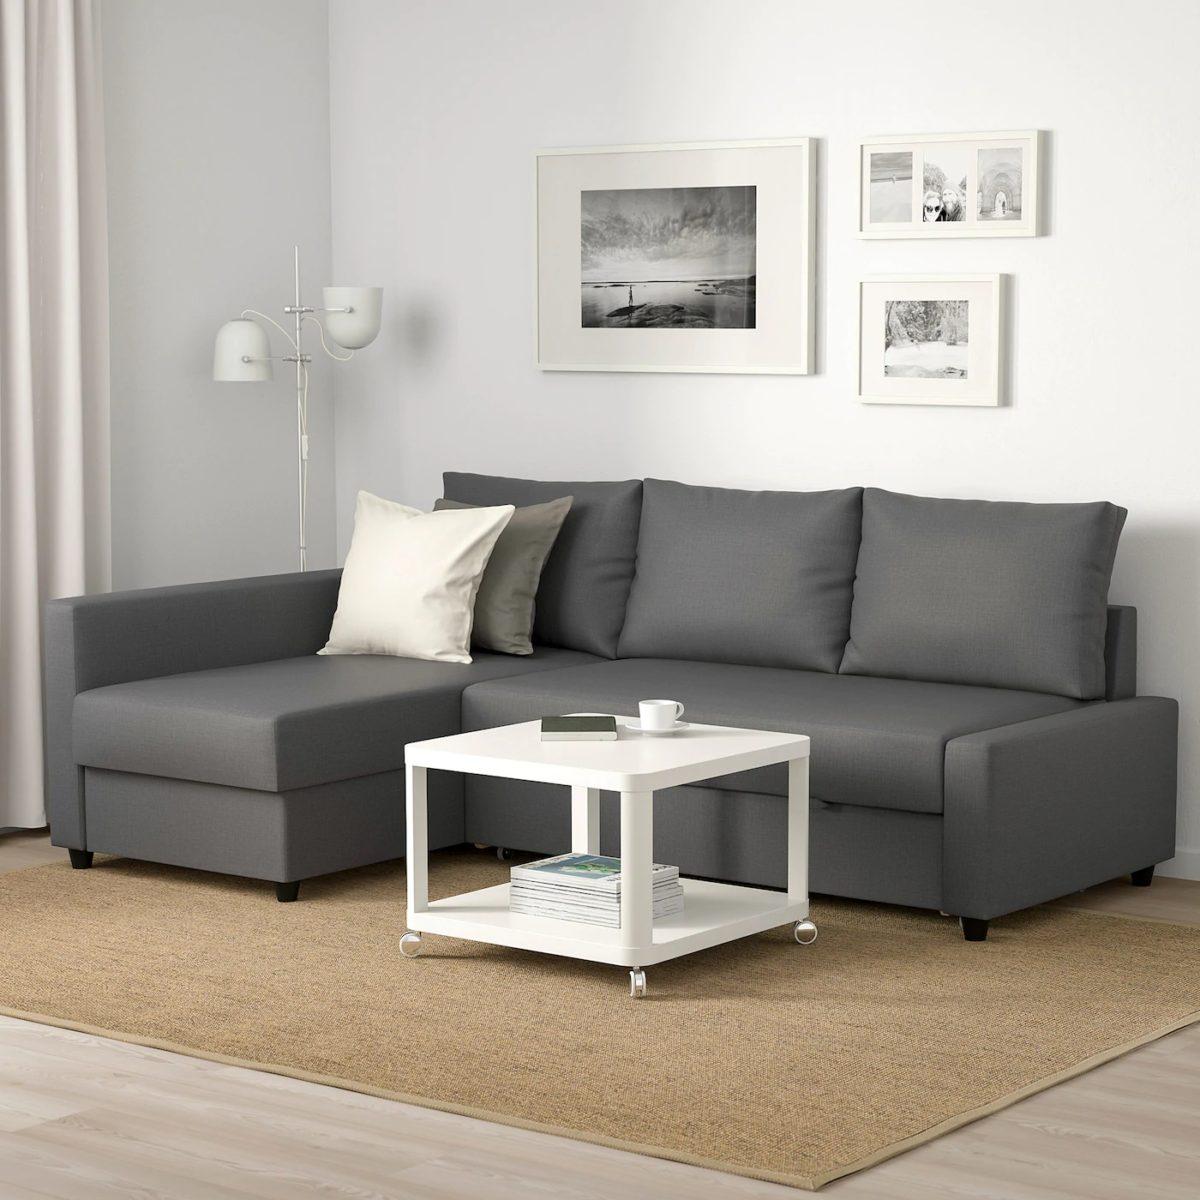 Divano Angolare Piccolo Ikea.Sconti Ikea Marzo 2020 Acquisti Online Sempre Disponibili